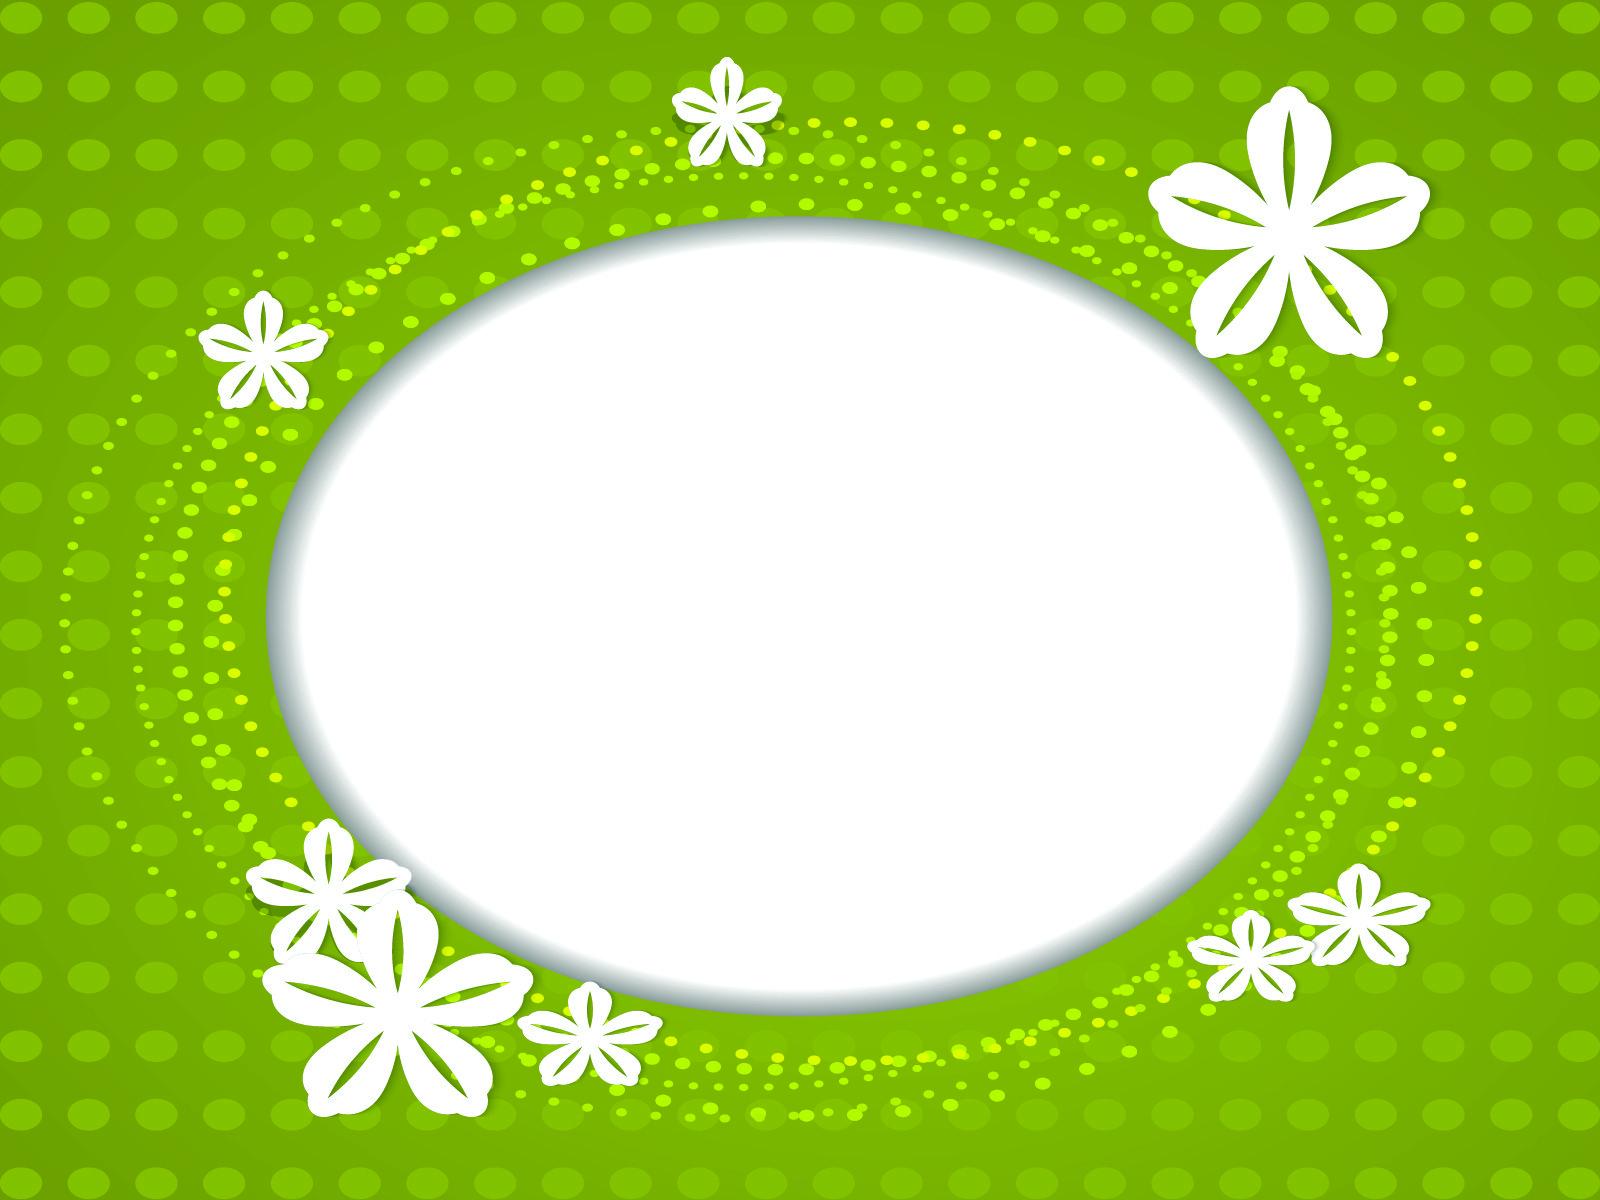 White Flower PPT Backgrounds